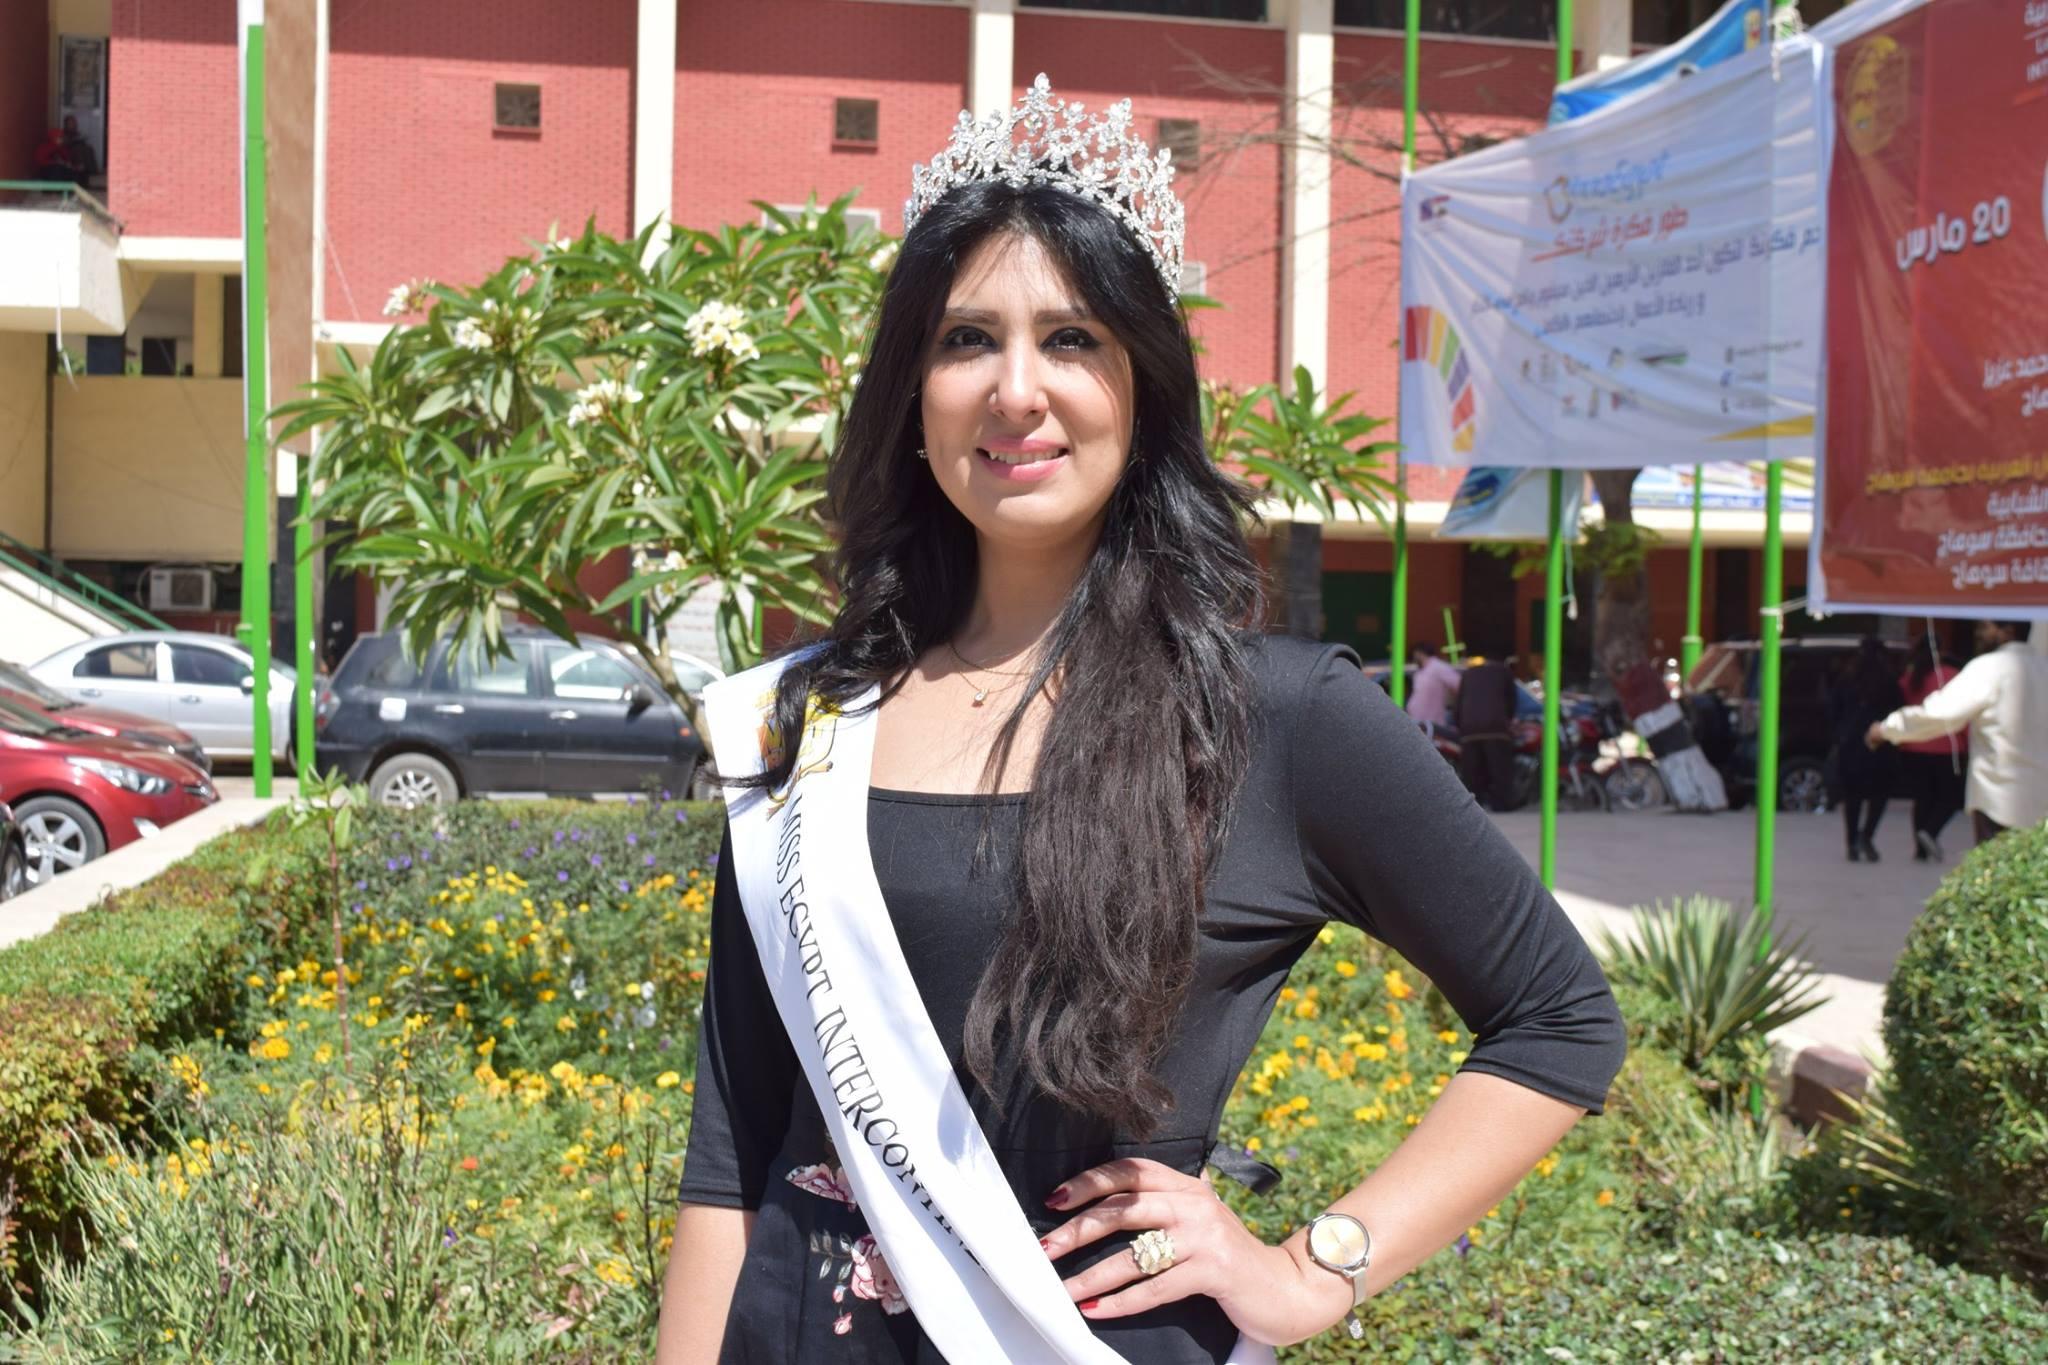 بالصور بنات مصر , البنت المصريه اجمل واجدع بنت 5939 2